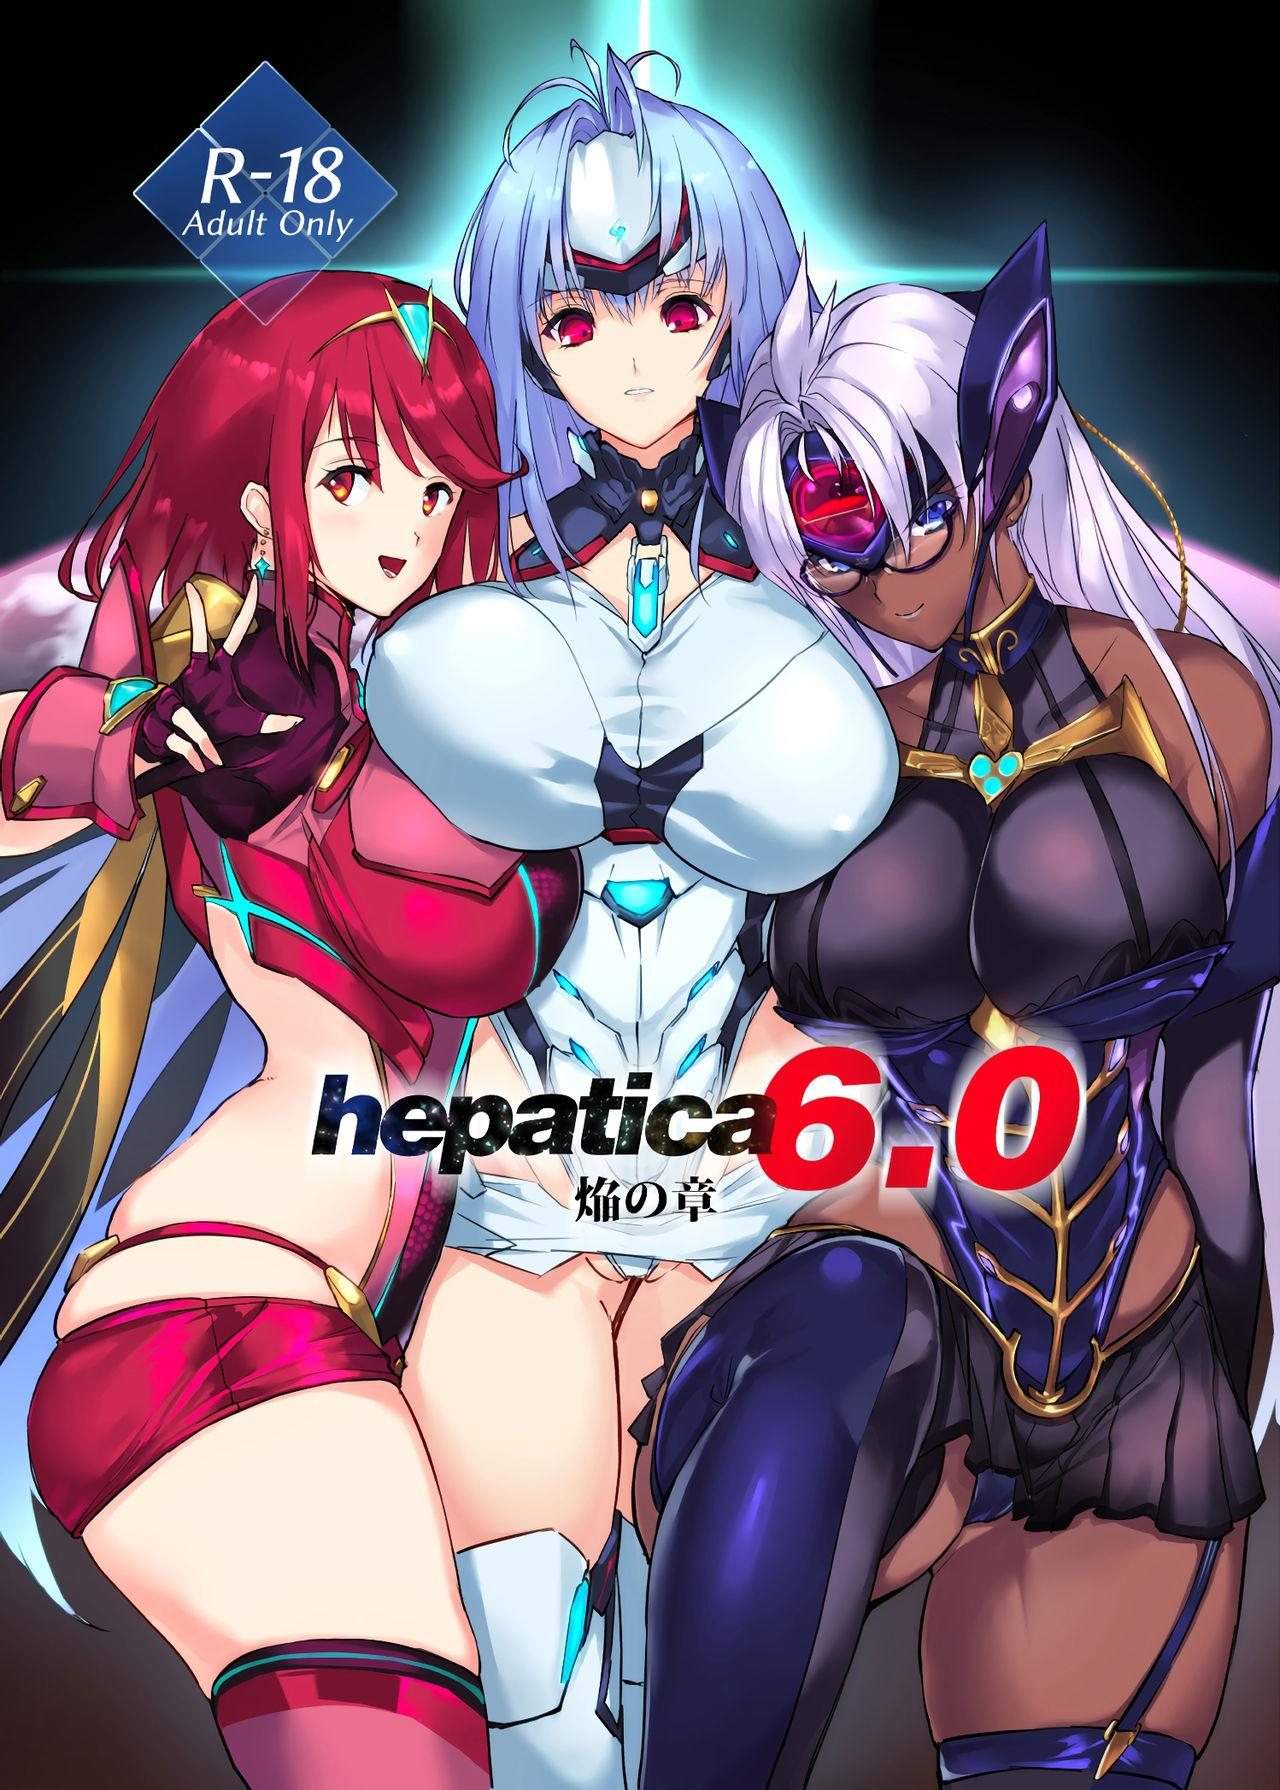 hepatica6.0 1